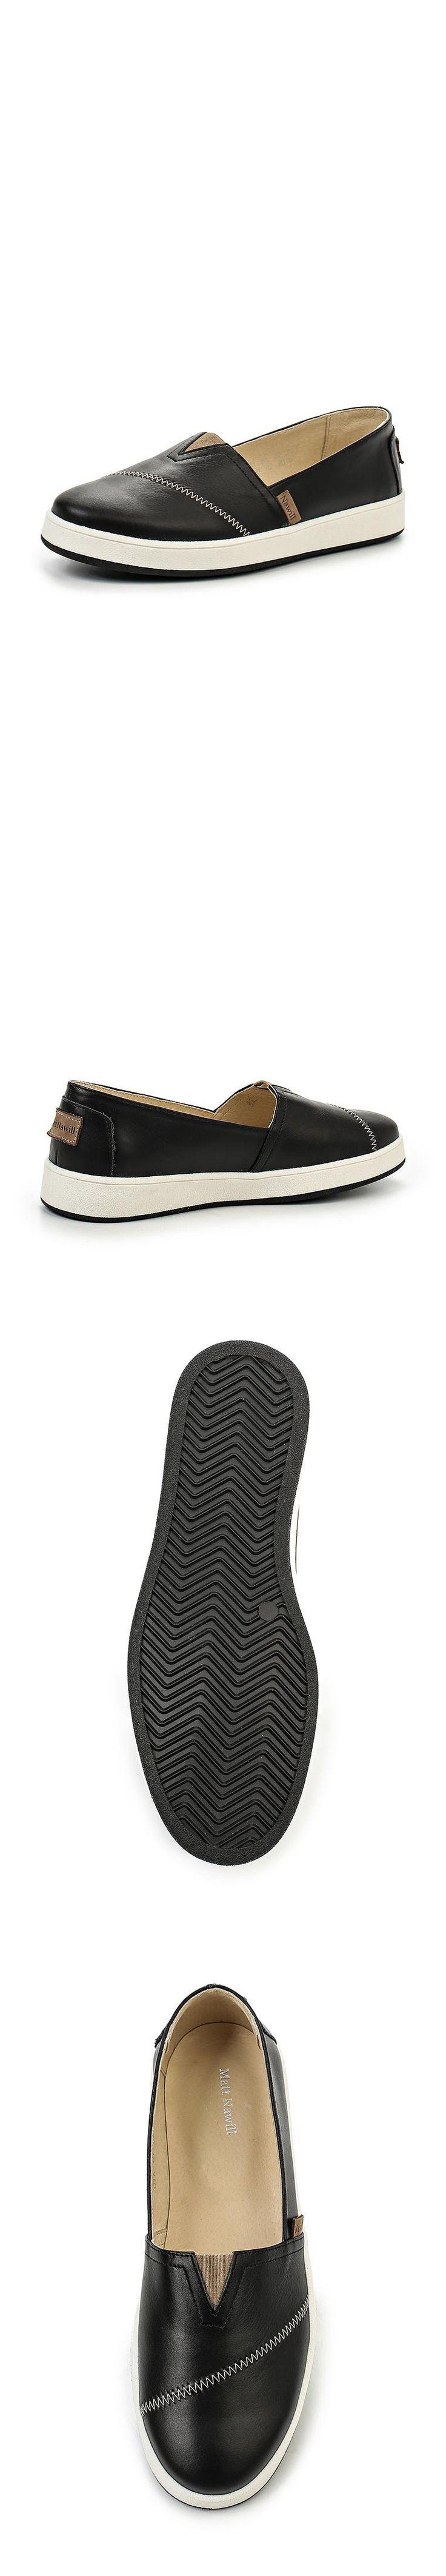 Женская обувь слипоны Matt Nawill за 6499.00 руб.